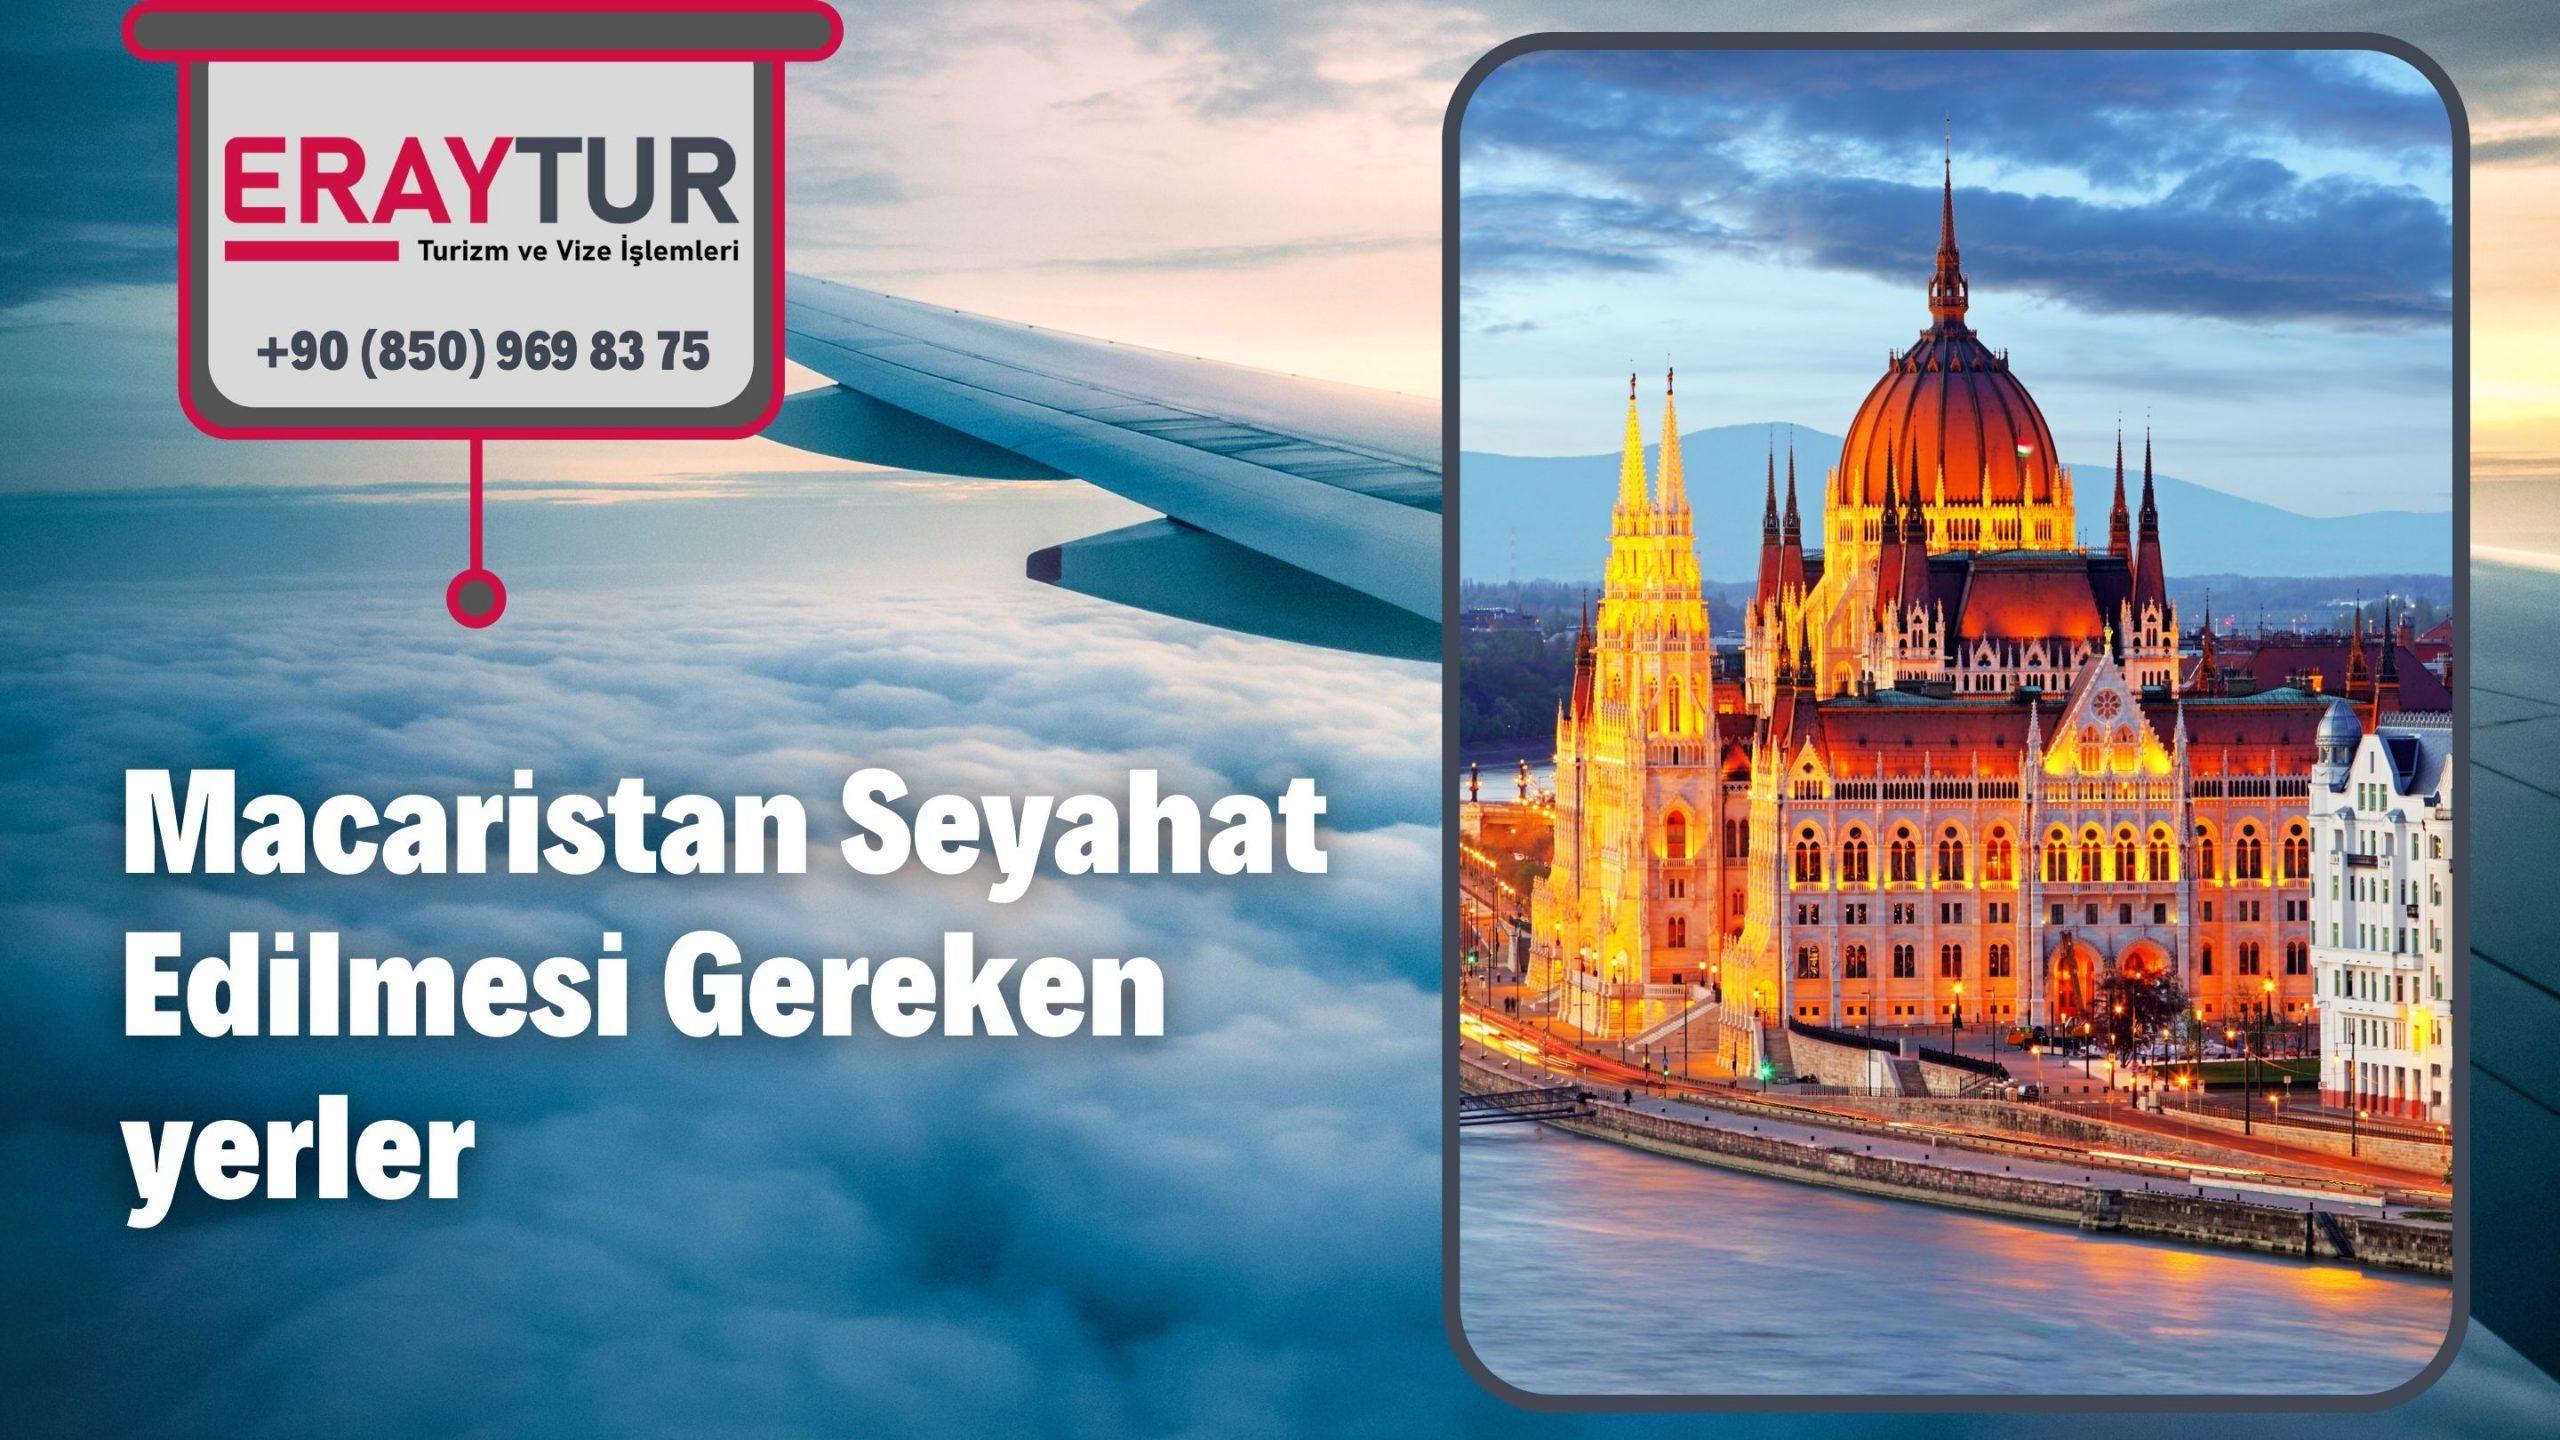 Macaristan Seyahat Edilmesi Gereken yerler